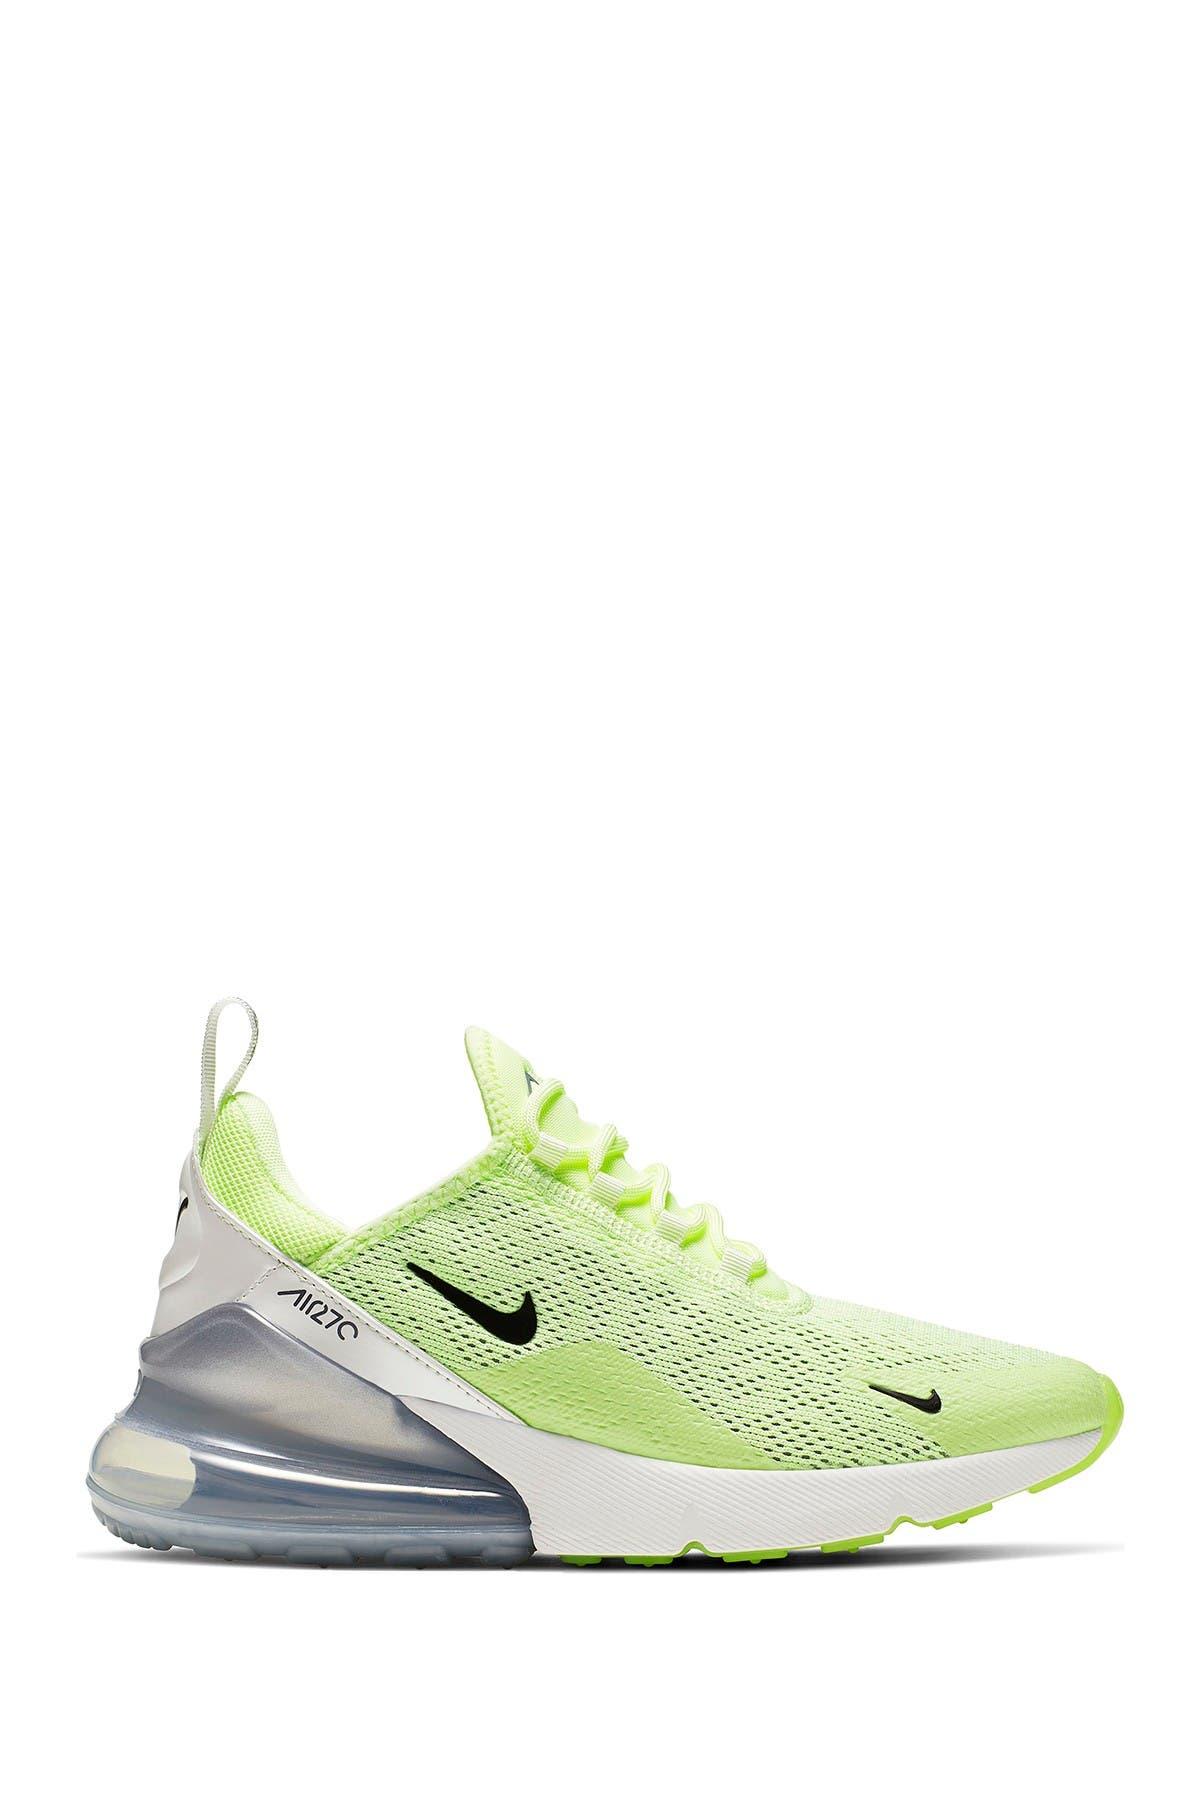 Nike | Air Max 270 Sneaker | Nordstrom Rack